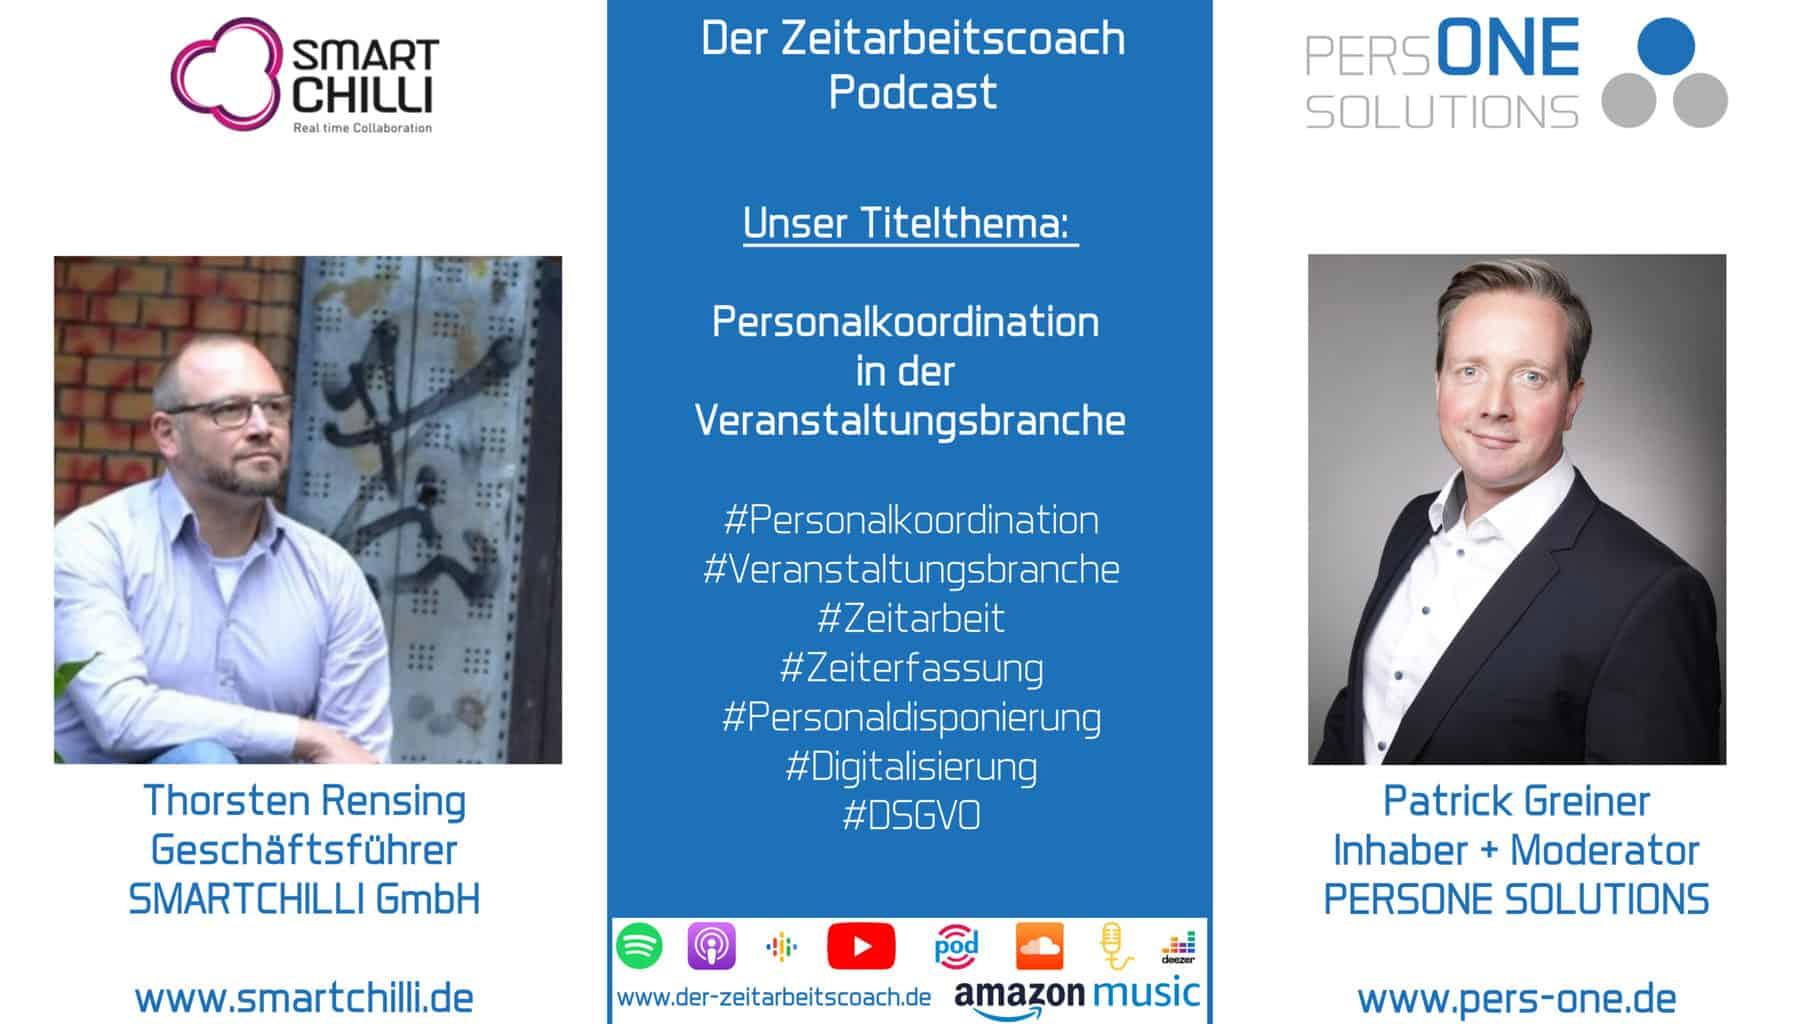 Rensing, Thorsten_SMARTCHILLI_Podcast SM Grafik_Zeitarbeitscoach Podcast